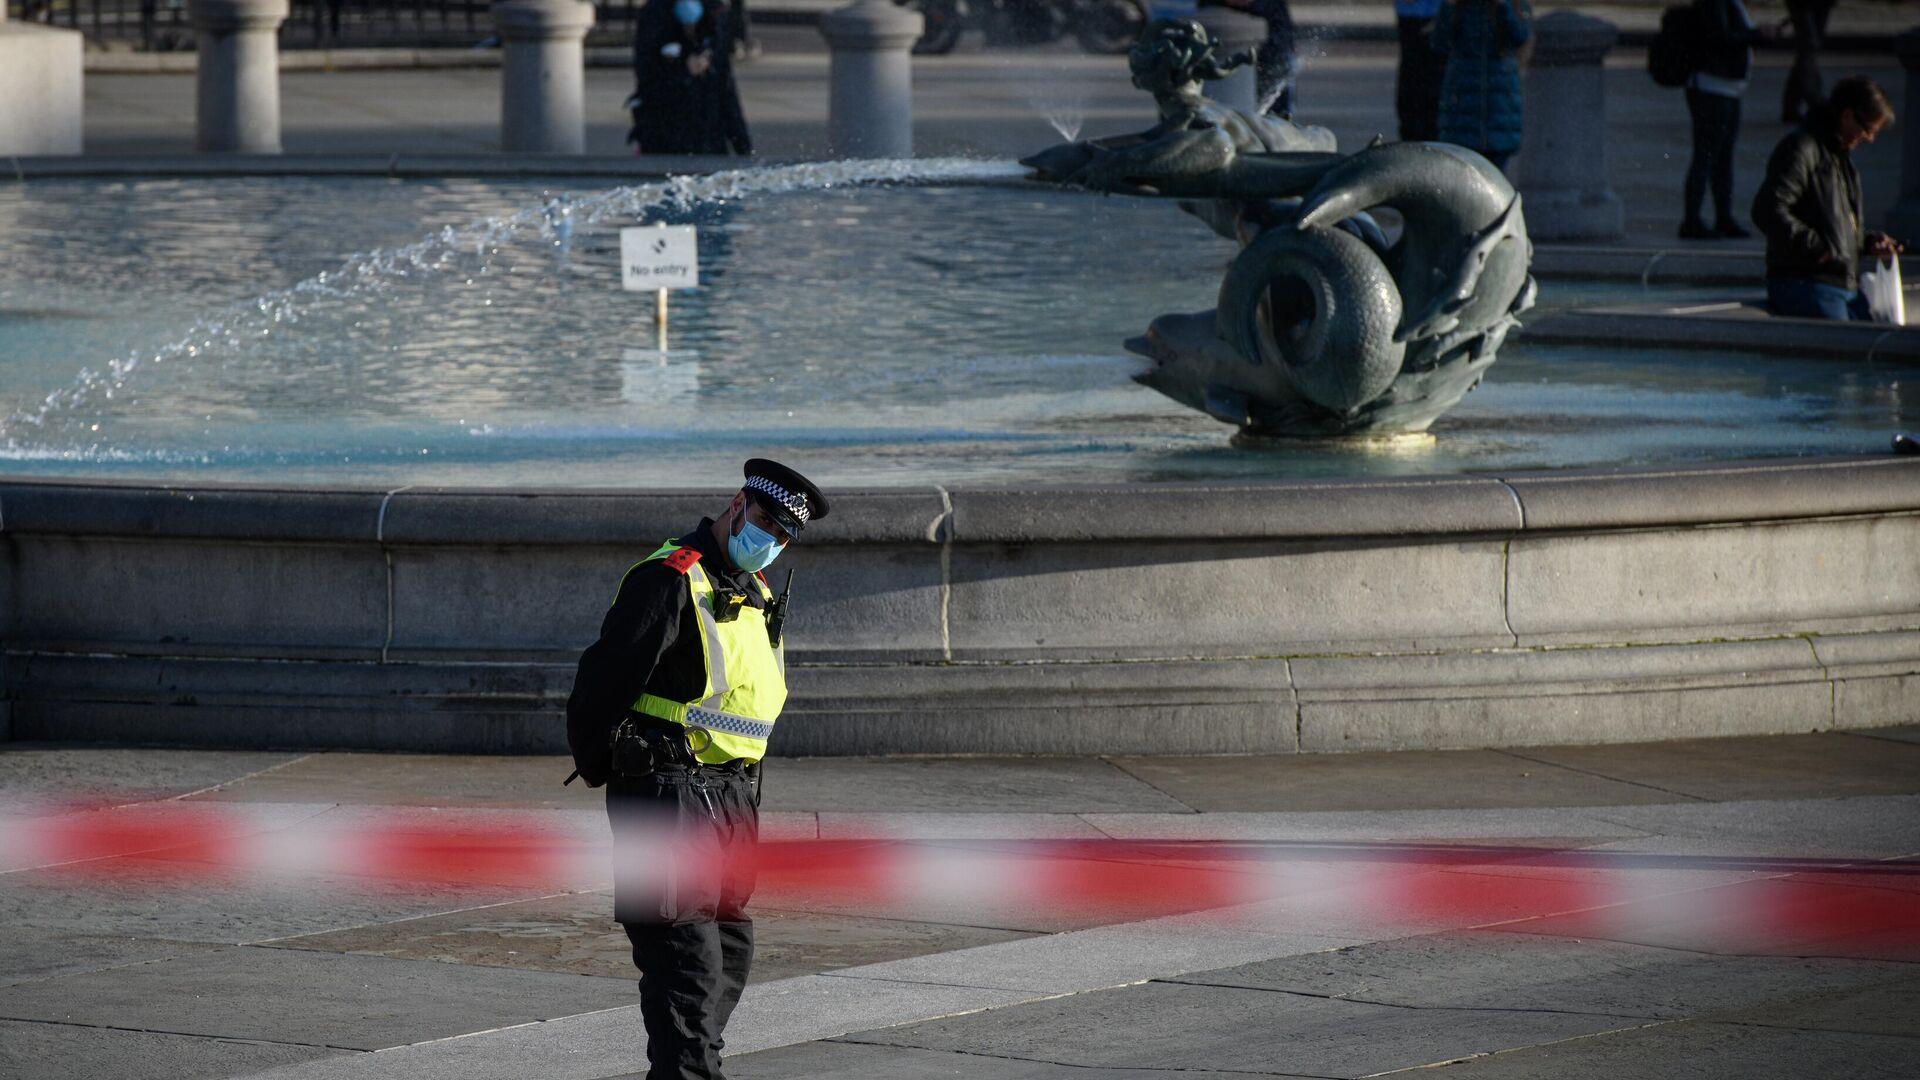 Сотрудник полиции на Трафальгарской площади в Лондоне  - РИА Новости, 1920, 23.01.2021